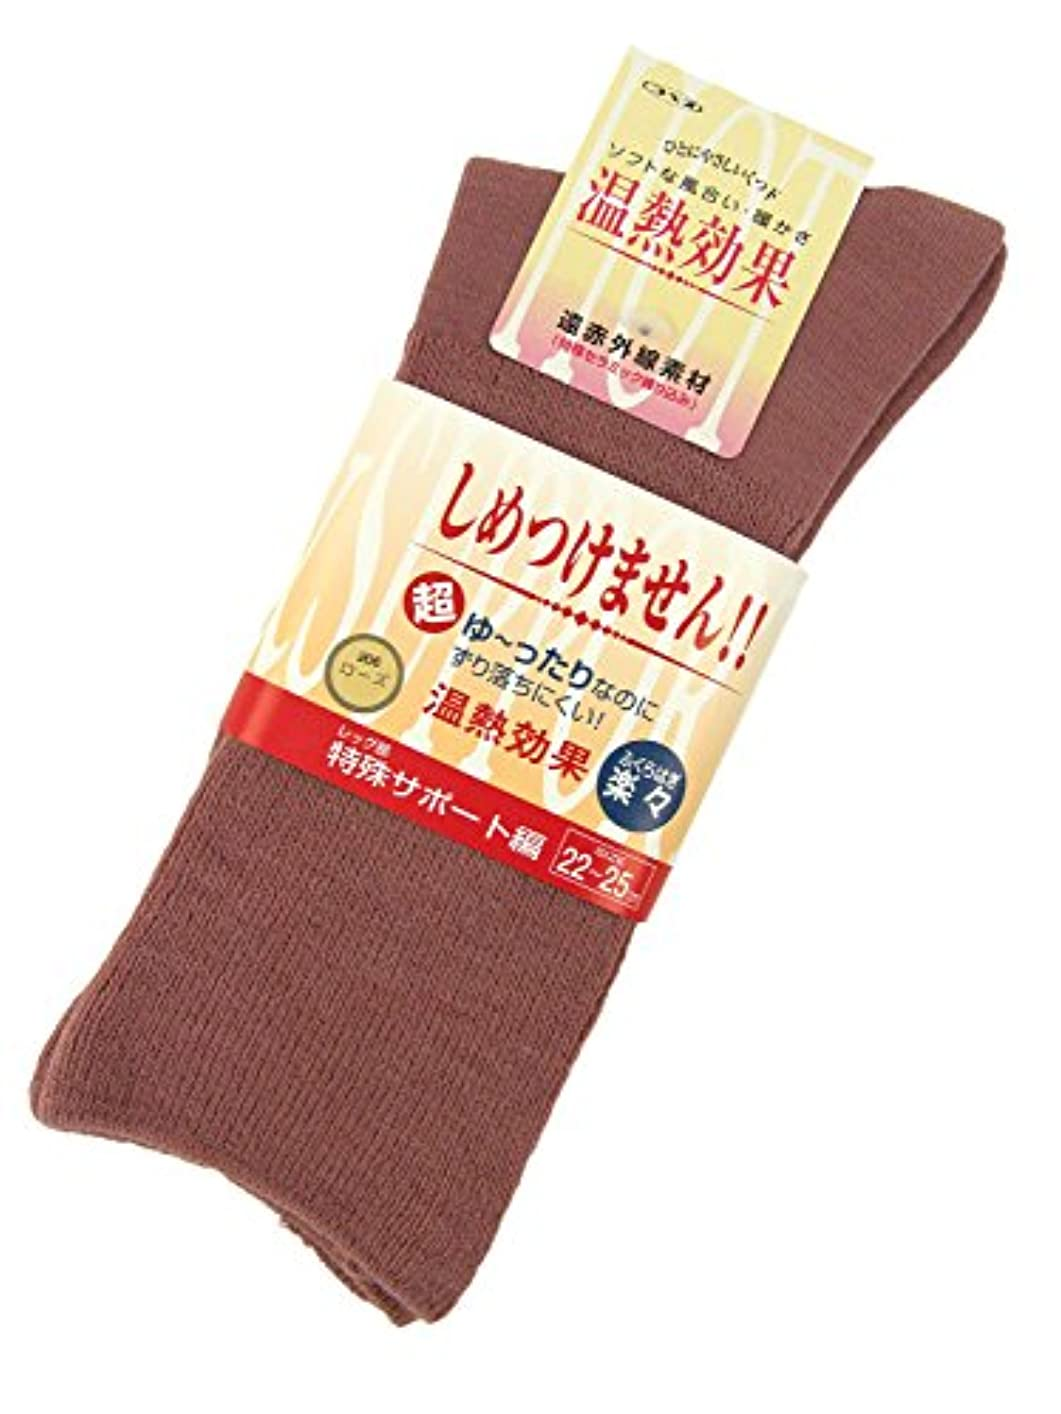 無実農学在庫神戸生絲 ふくらはぎ楽らくソックス 婦人 秋冬用 ローズ 3900 ローズ